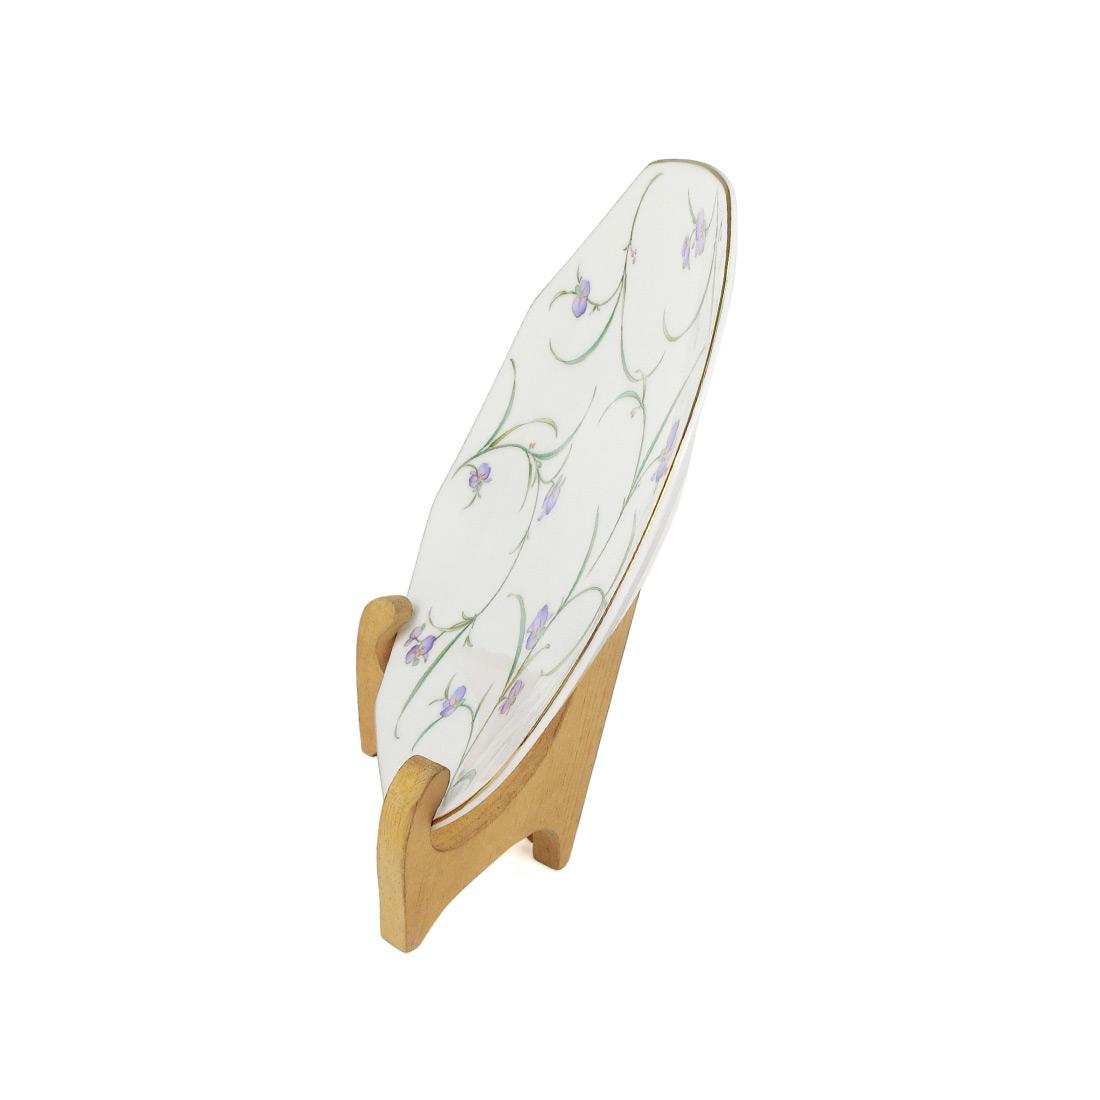 Dĩa Sứ Hoa Viền Vàng Có Triện - Nhật - 22.5 x 2.5 cm - 413299